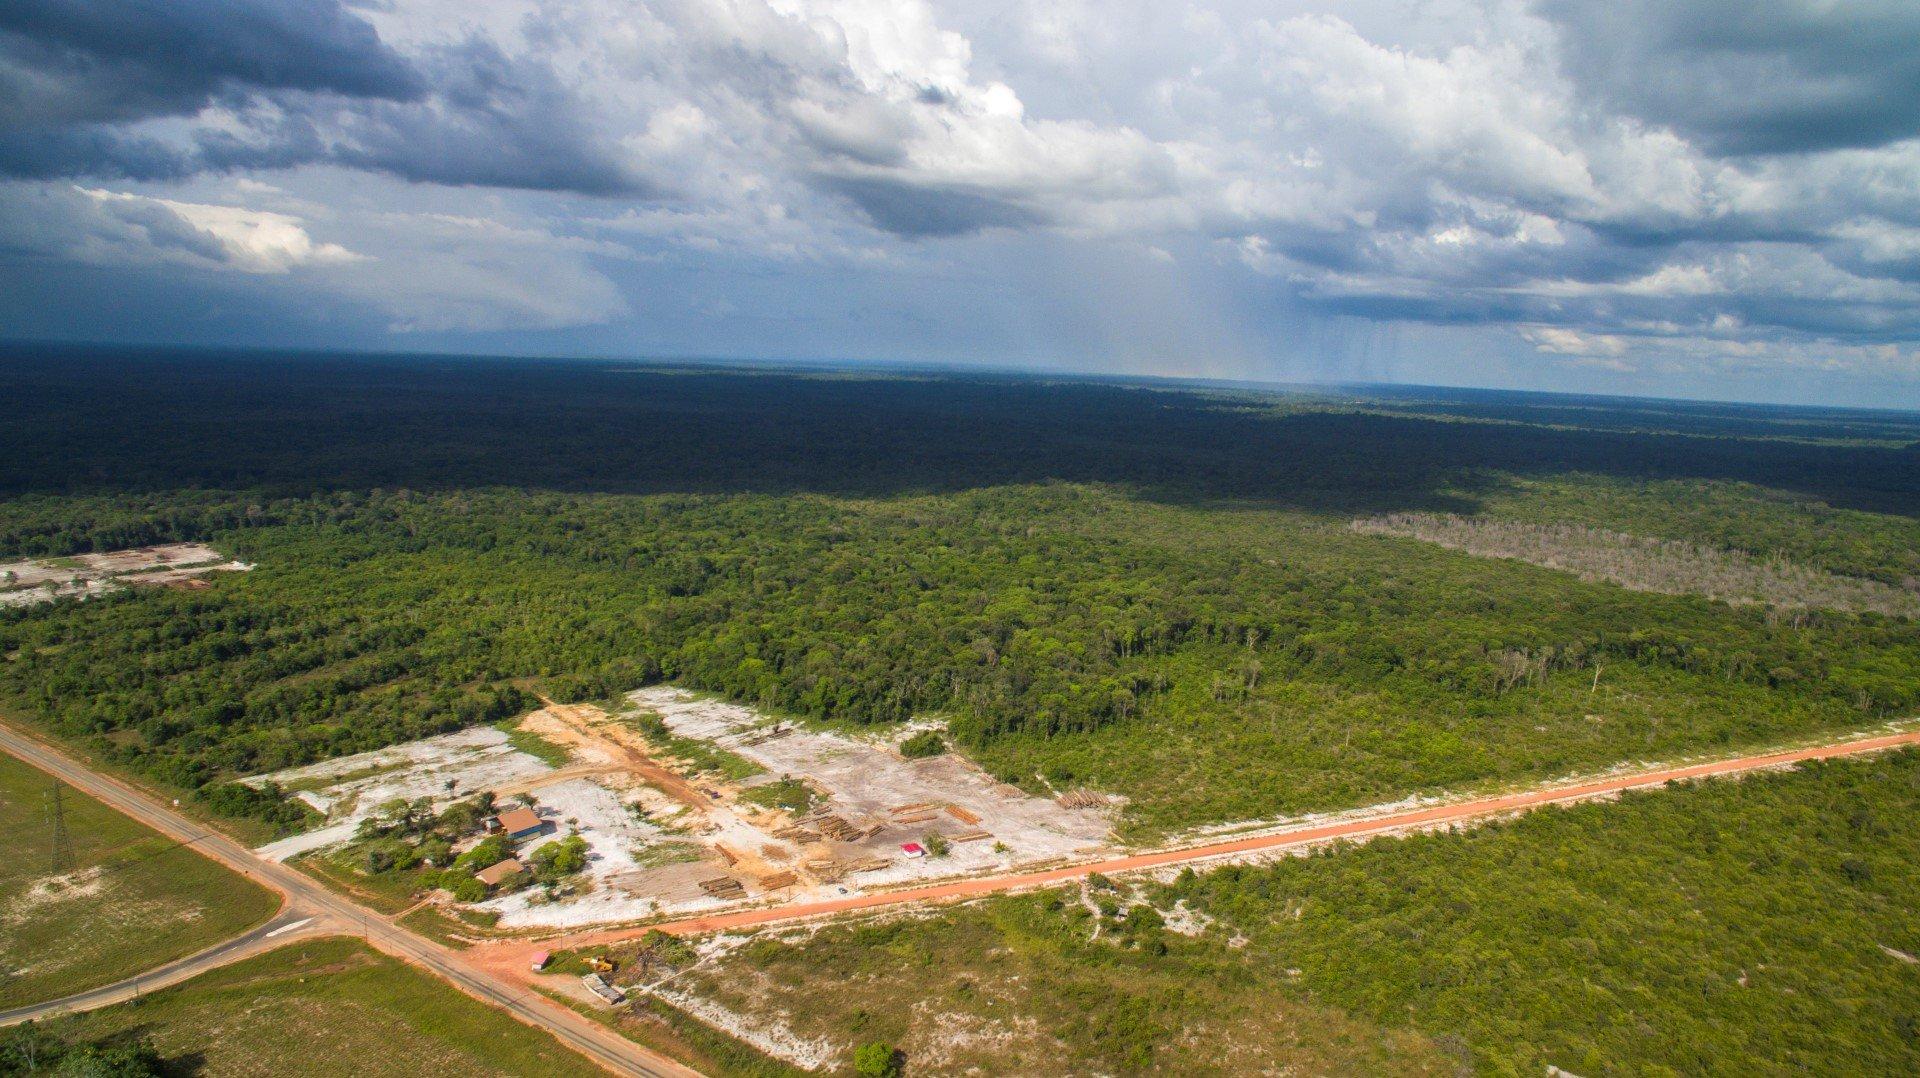 Afobakaweg 56 hk Weg naar Phedra - Toplocatie aan de Afobakaweg, ideaal voor houtverwerking. - Surgoed Makelaardij NV - Paramaribo, Suriname